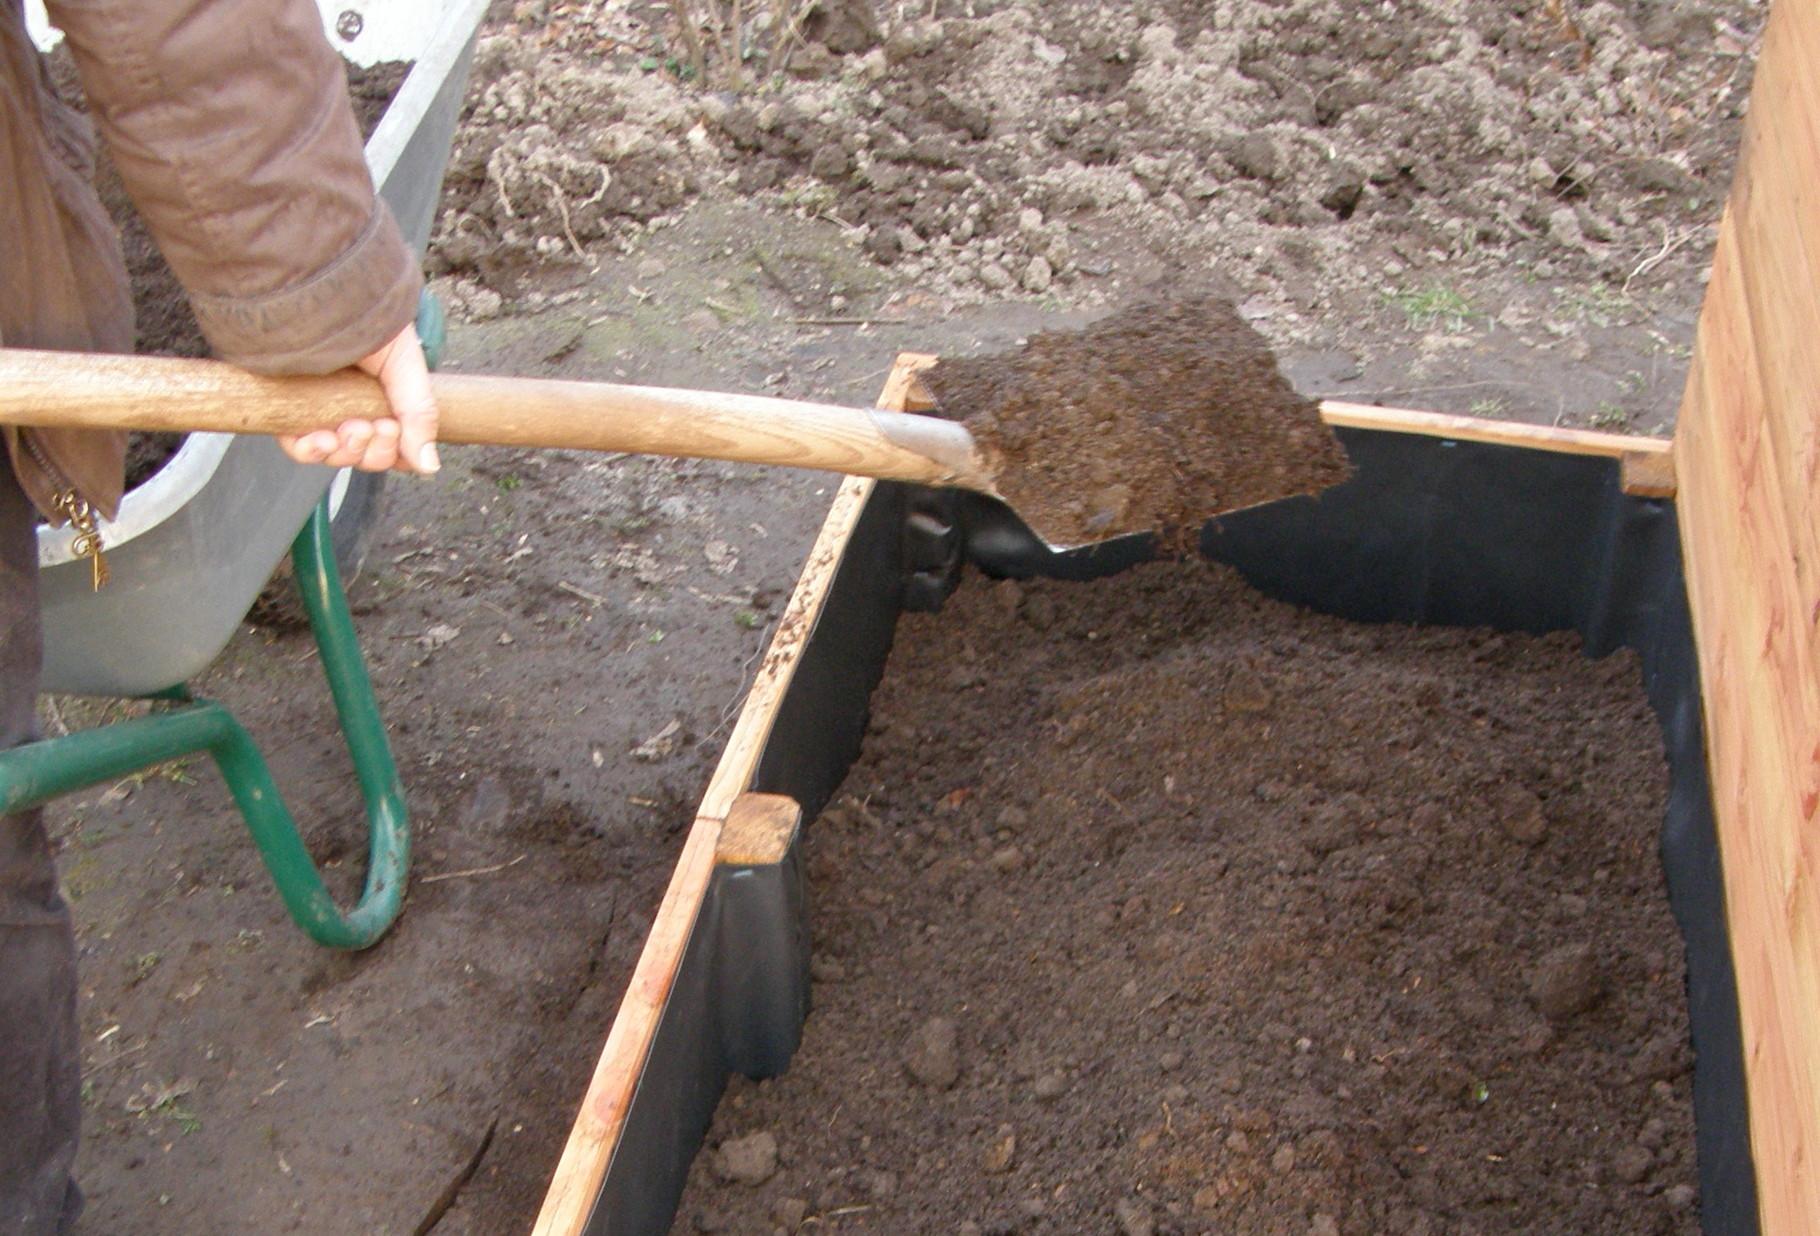 7. Pflanzkasten mit Aushub gemischt mit reifem Kompost oder Pflanzerde füllen